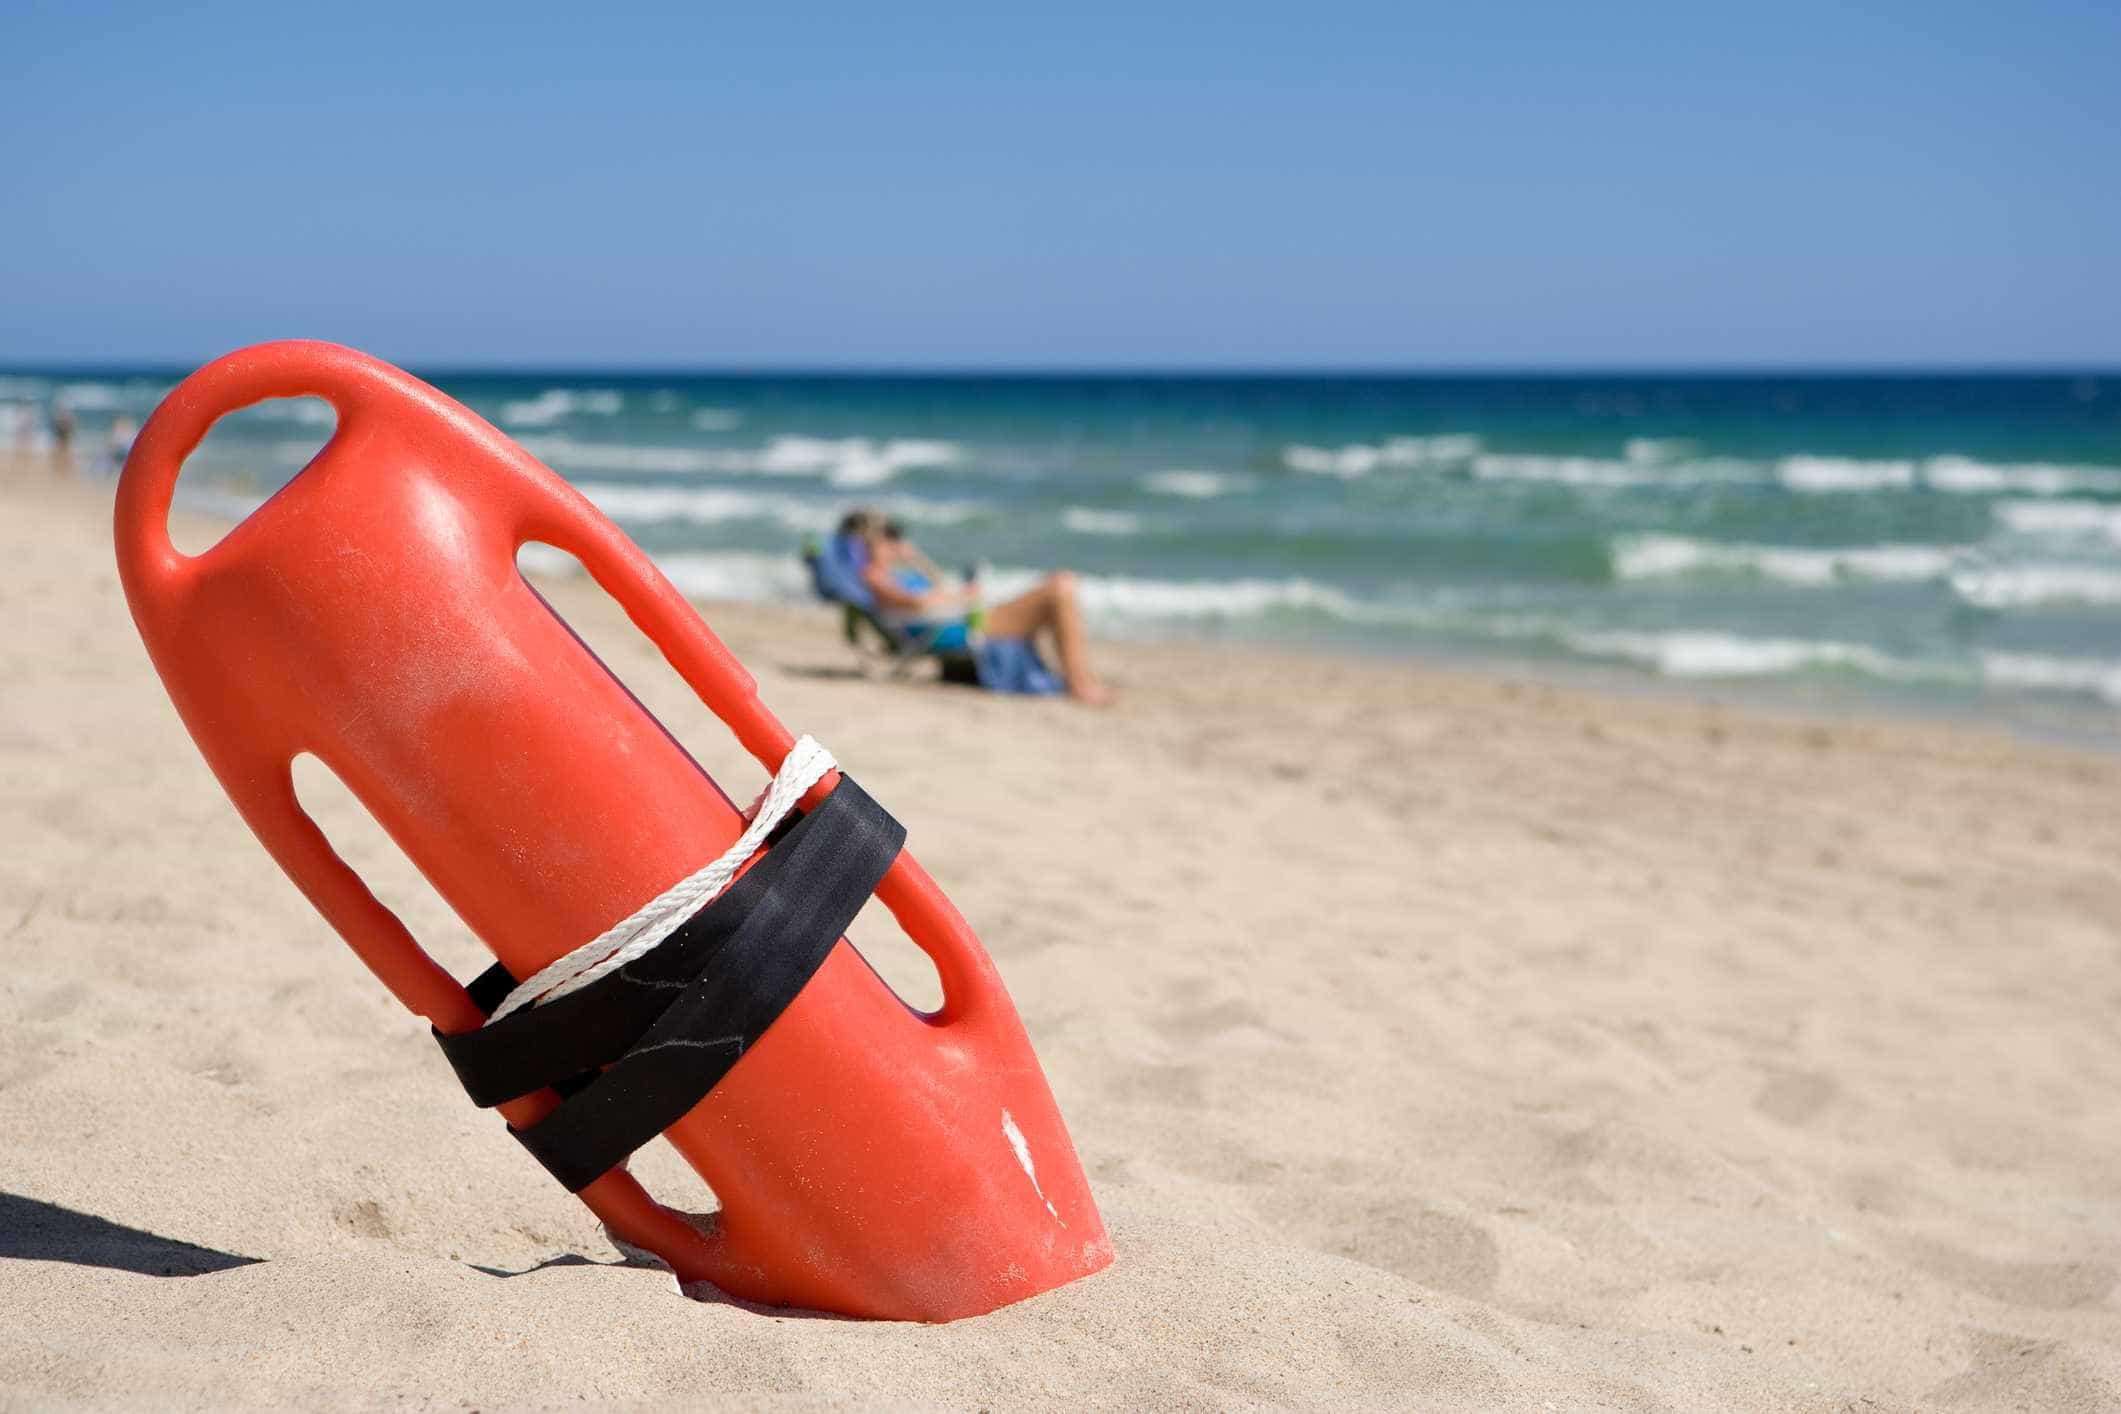 Em 2018 registaram-se menos mortes por afogamento. Abril foi o pior mês